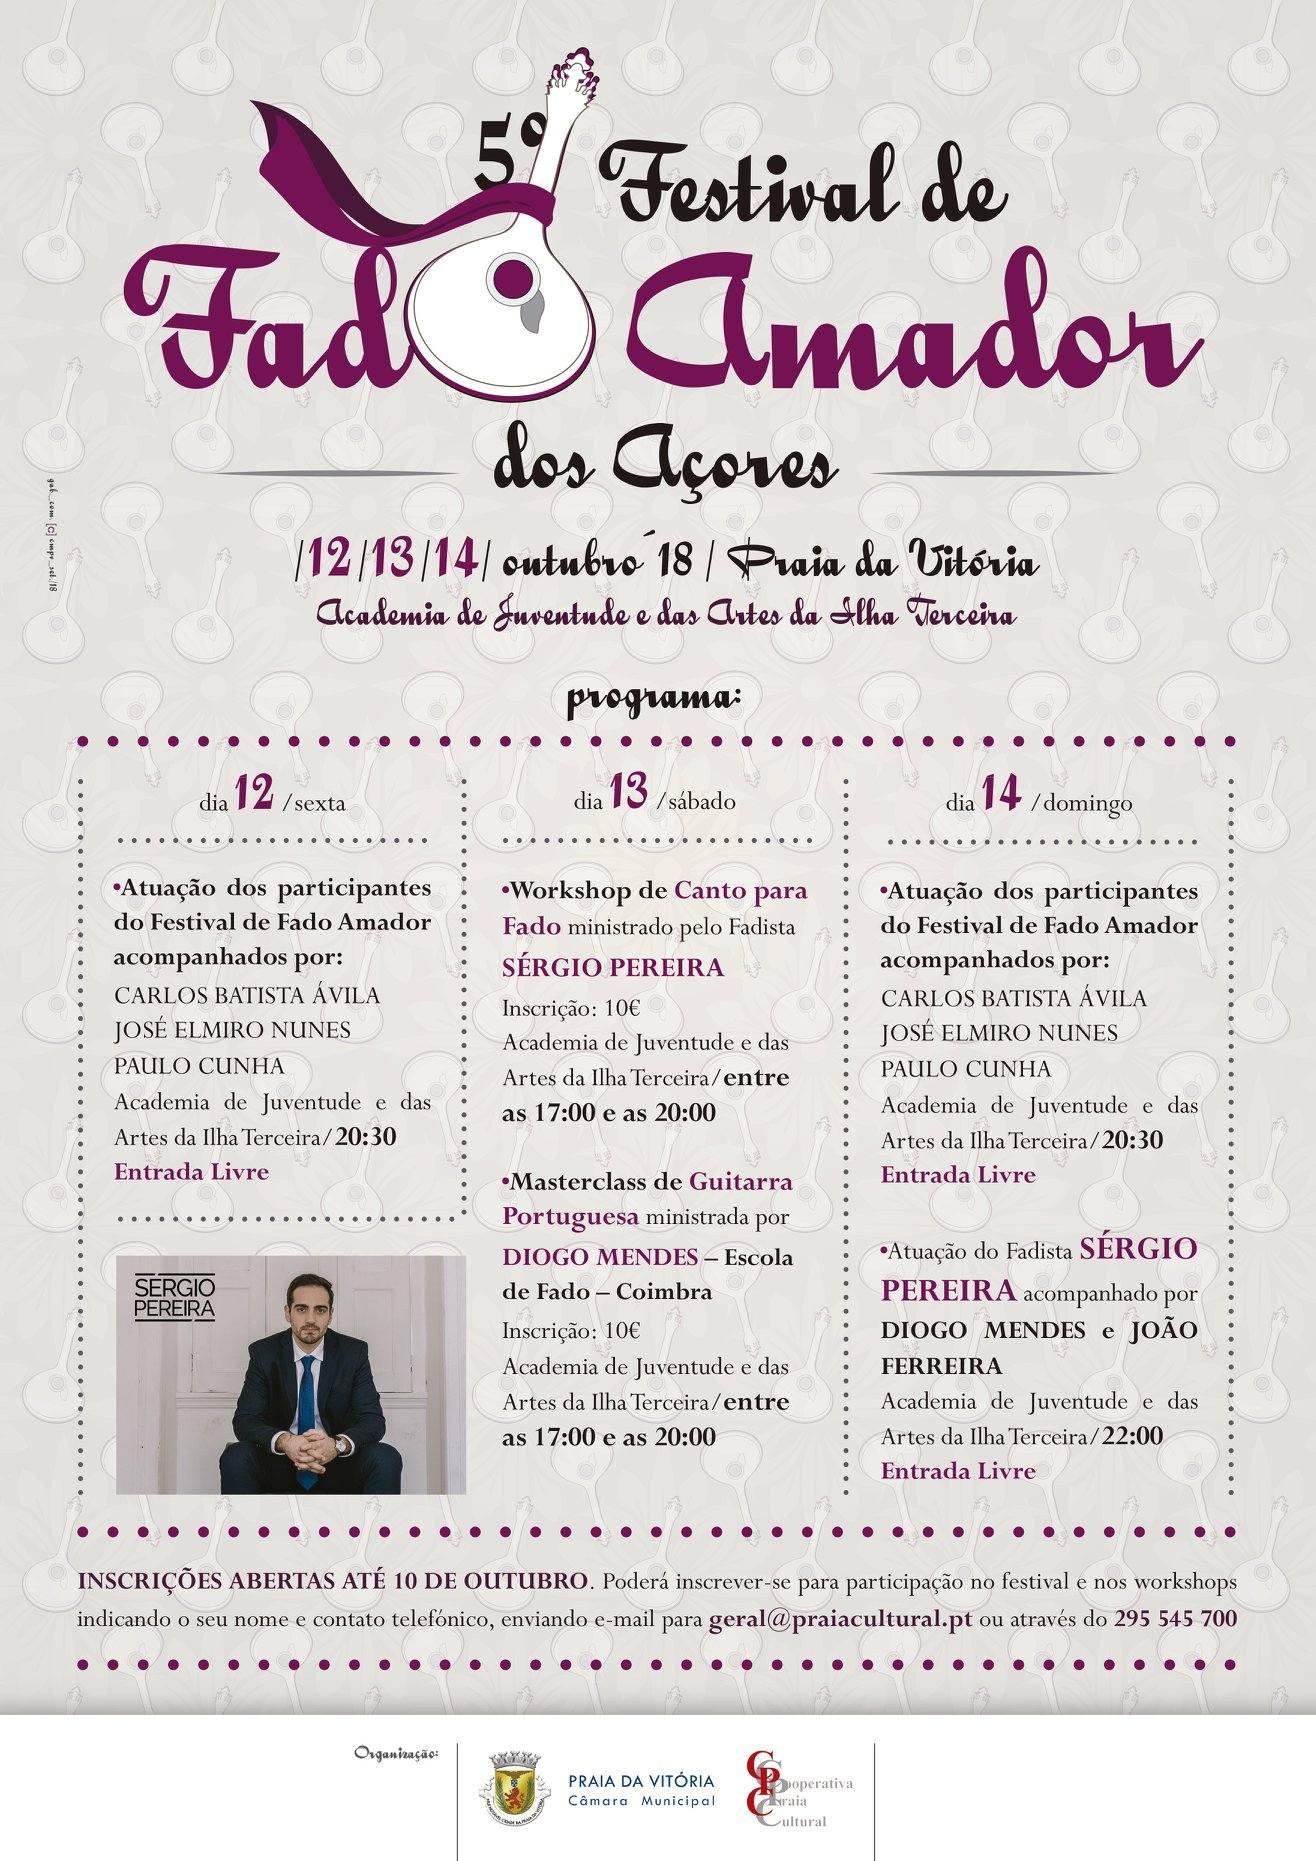 5º Festival de Fado Amador